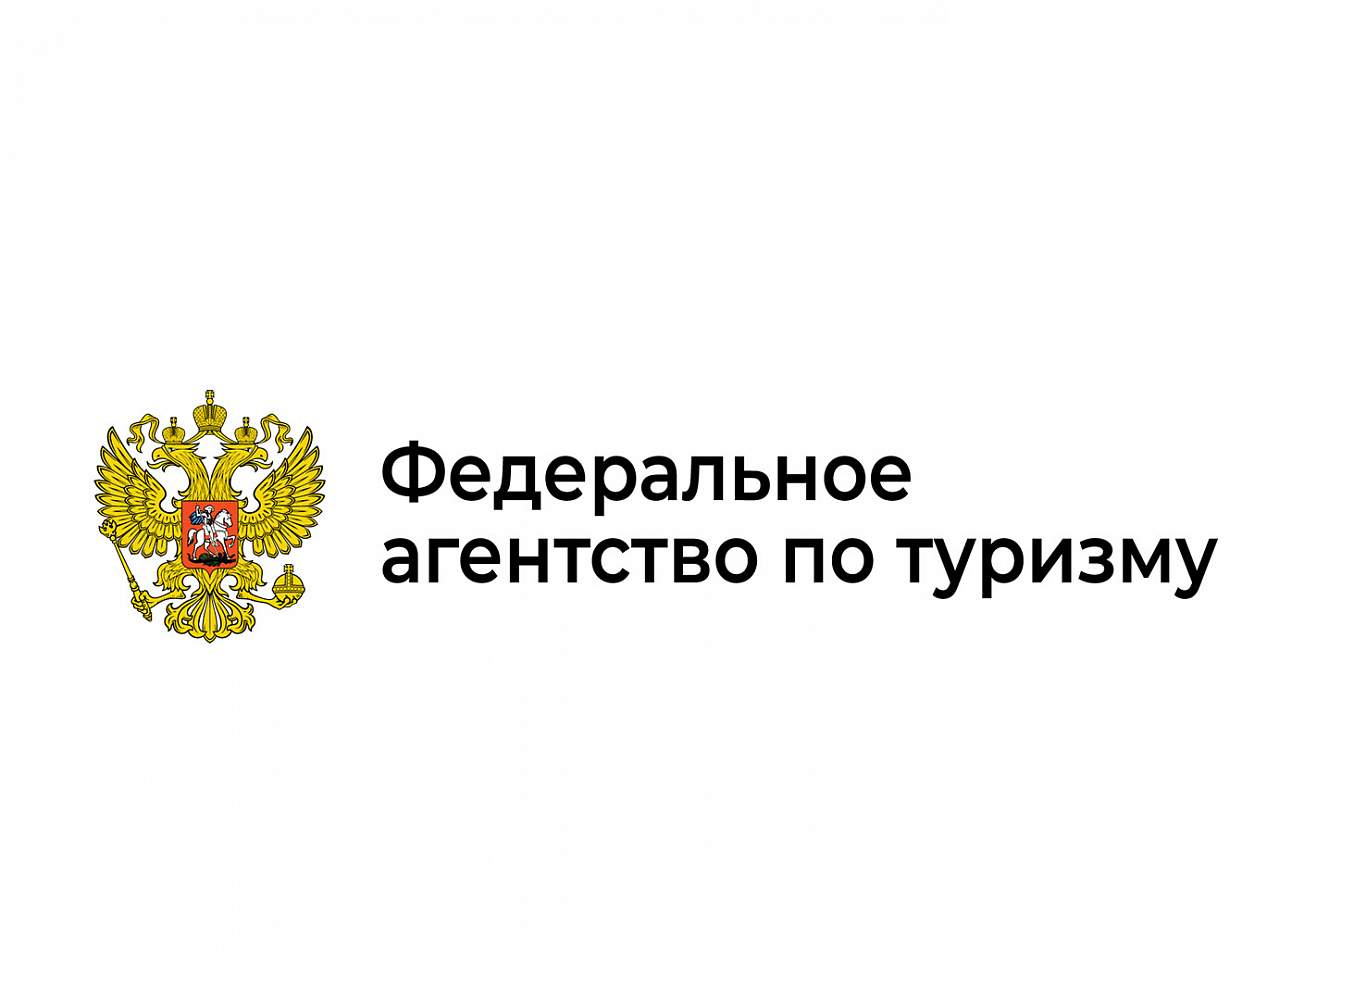 Куда полететь из РФ за границу май-июнь 2021 года туристам россиянам: последние важные новости на сегодня